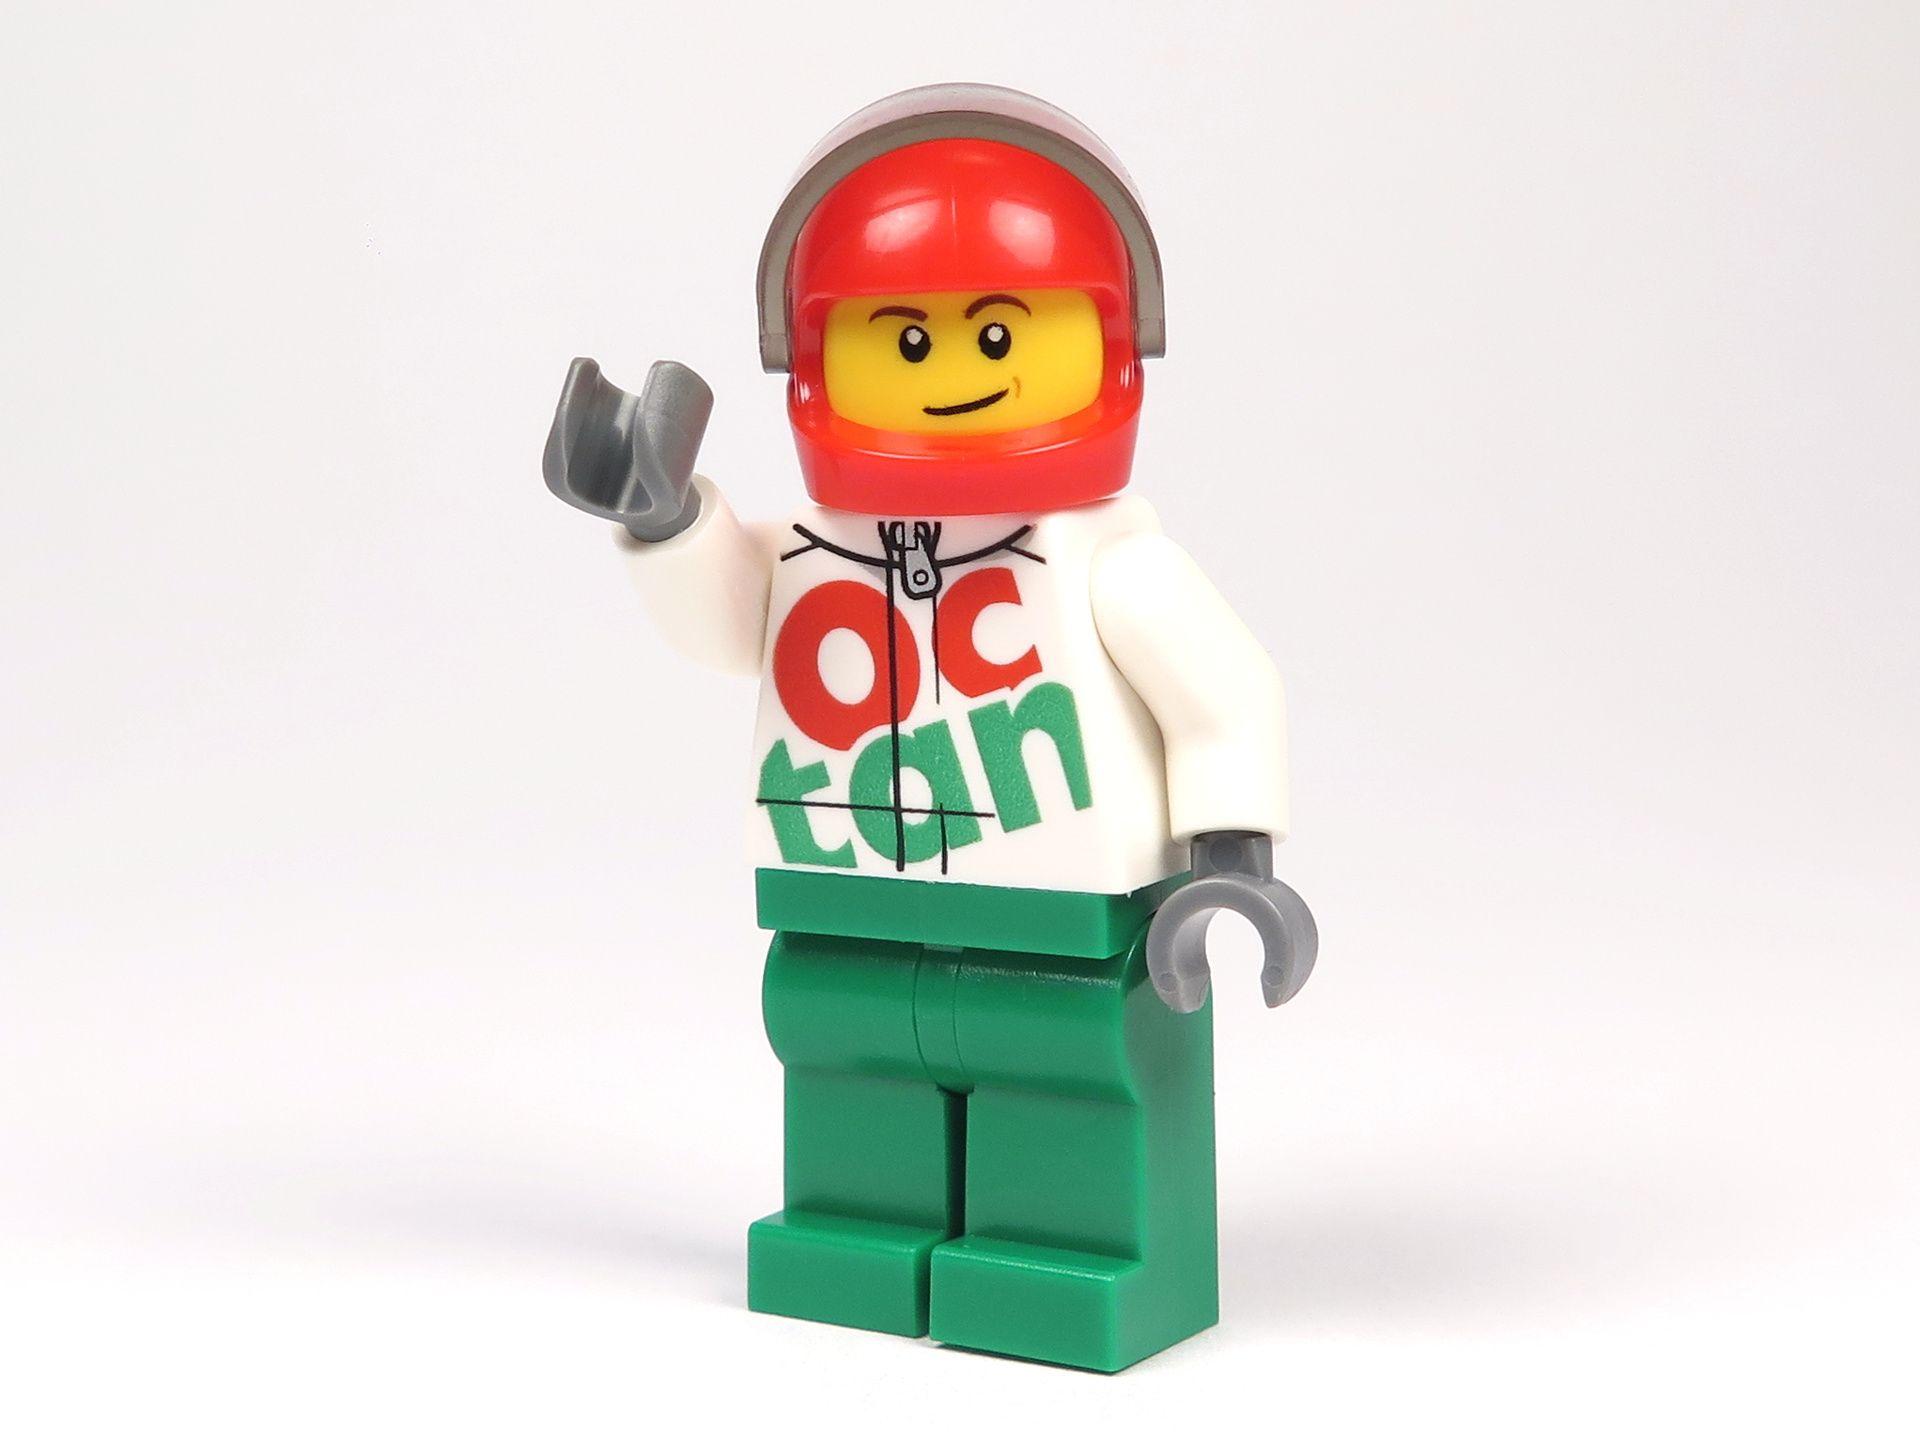 LEGO® City Magazin Nr. 7 - Rennfahrer Minfigur - Vorderseite mit Helm | 2018 Brickzeit